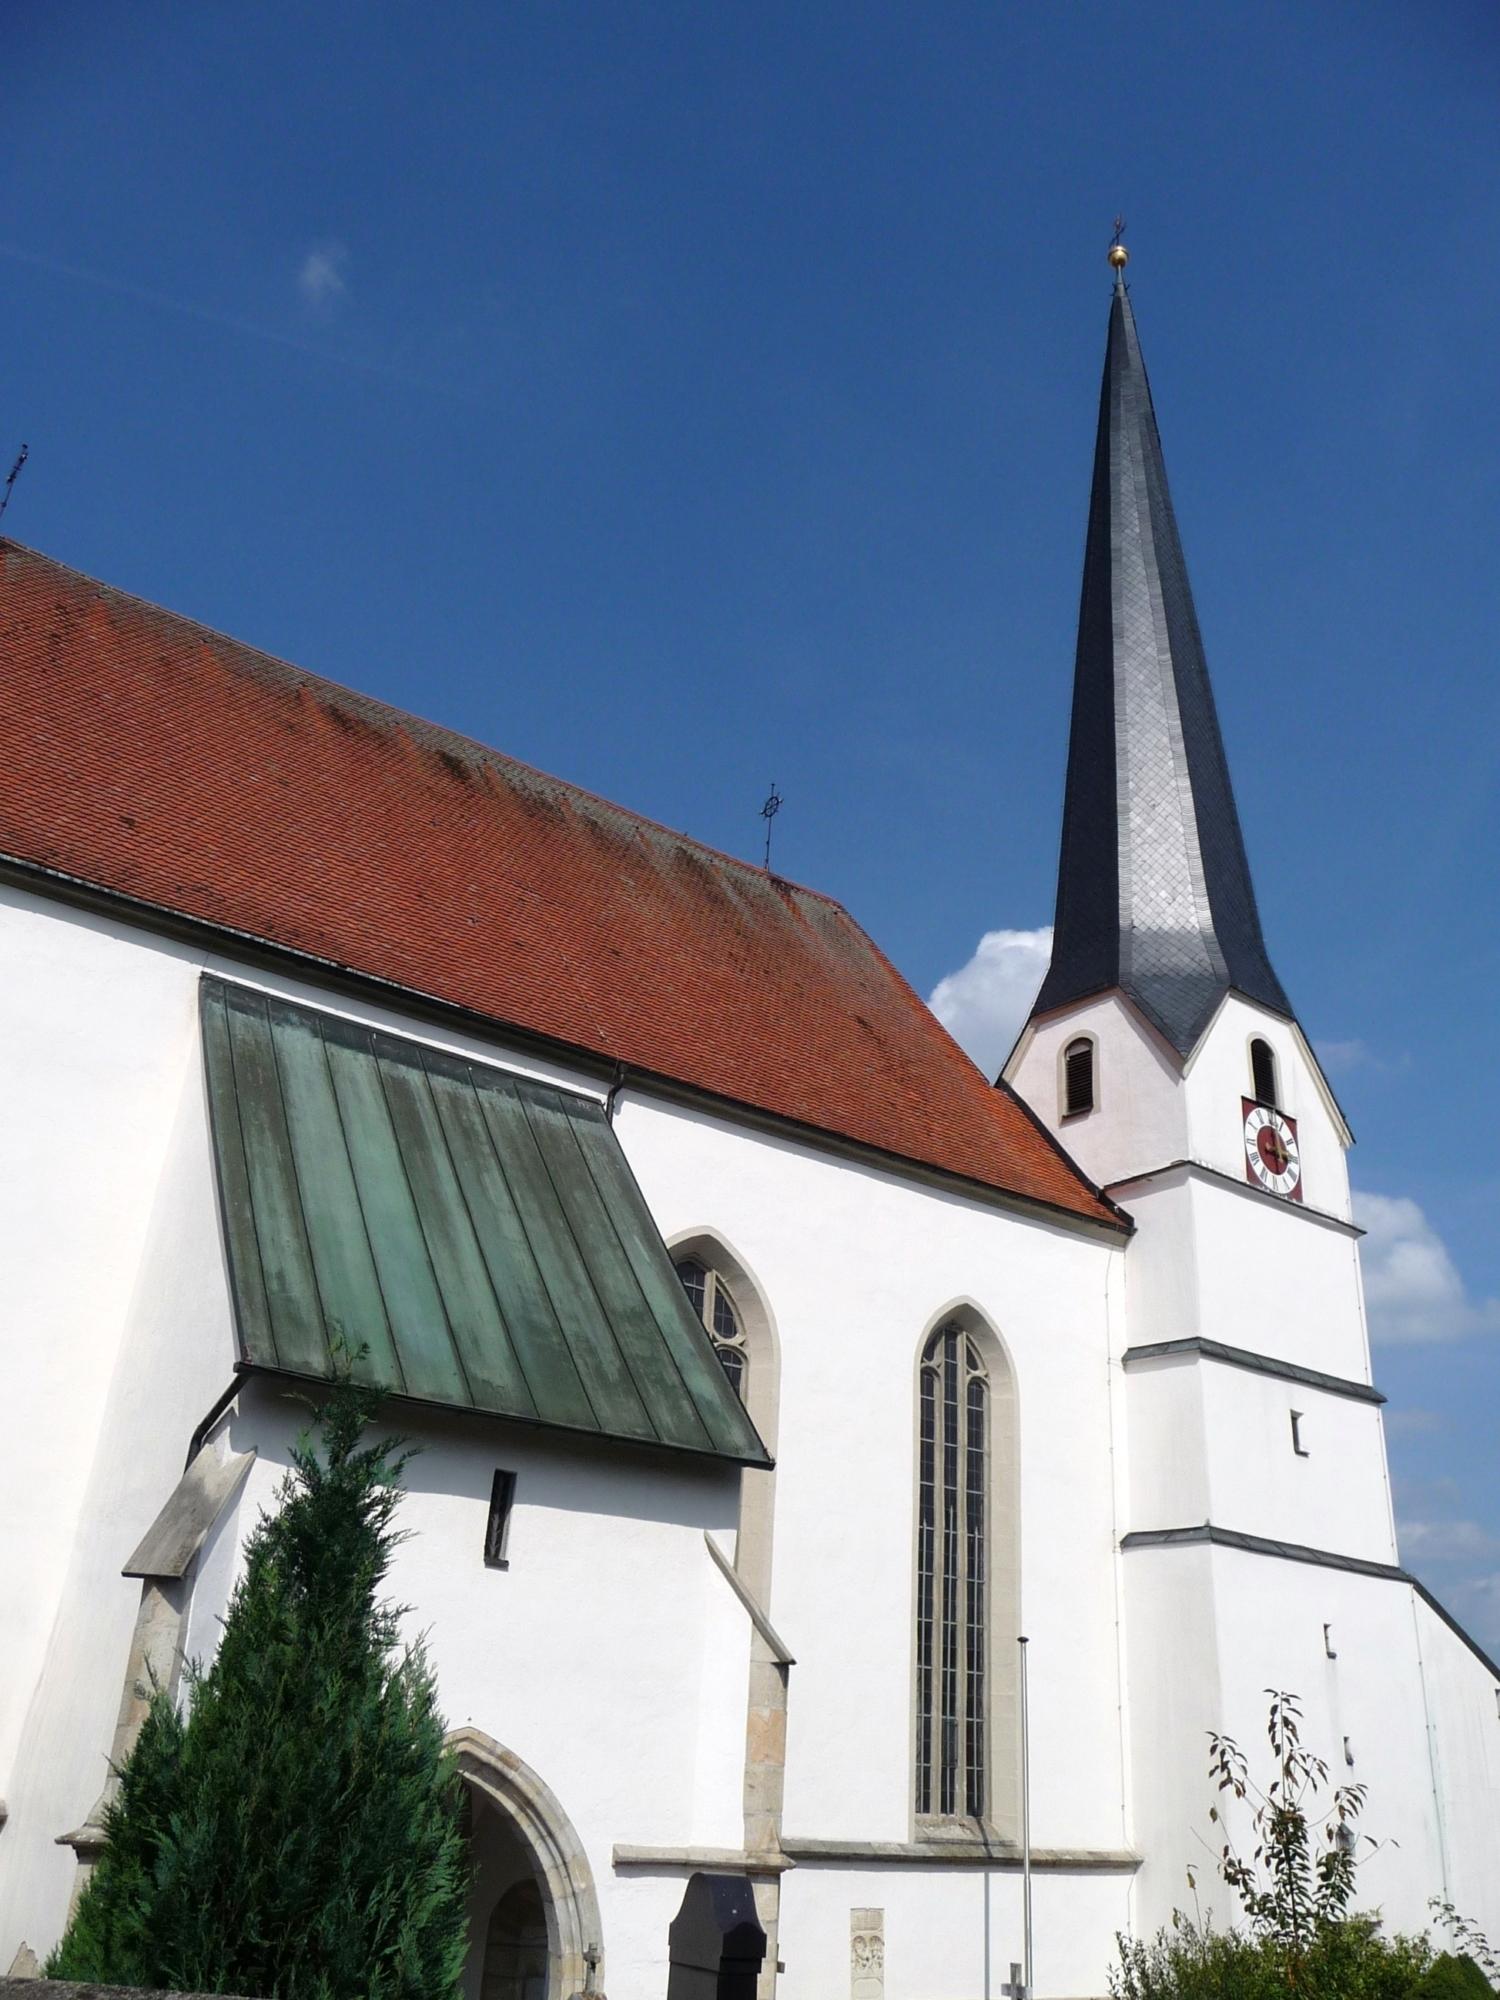 Pfarrkirche Neukirchen am Inn